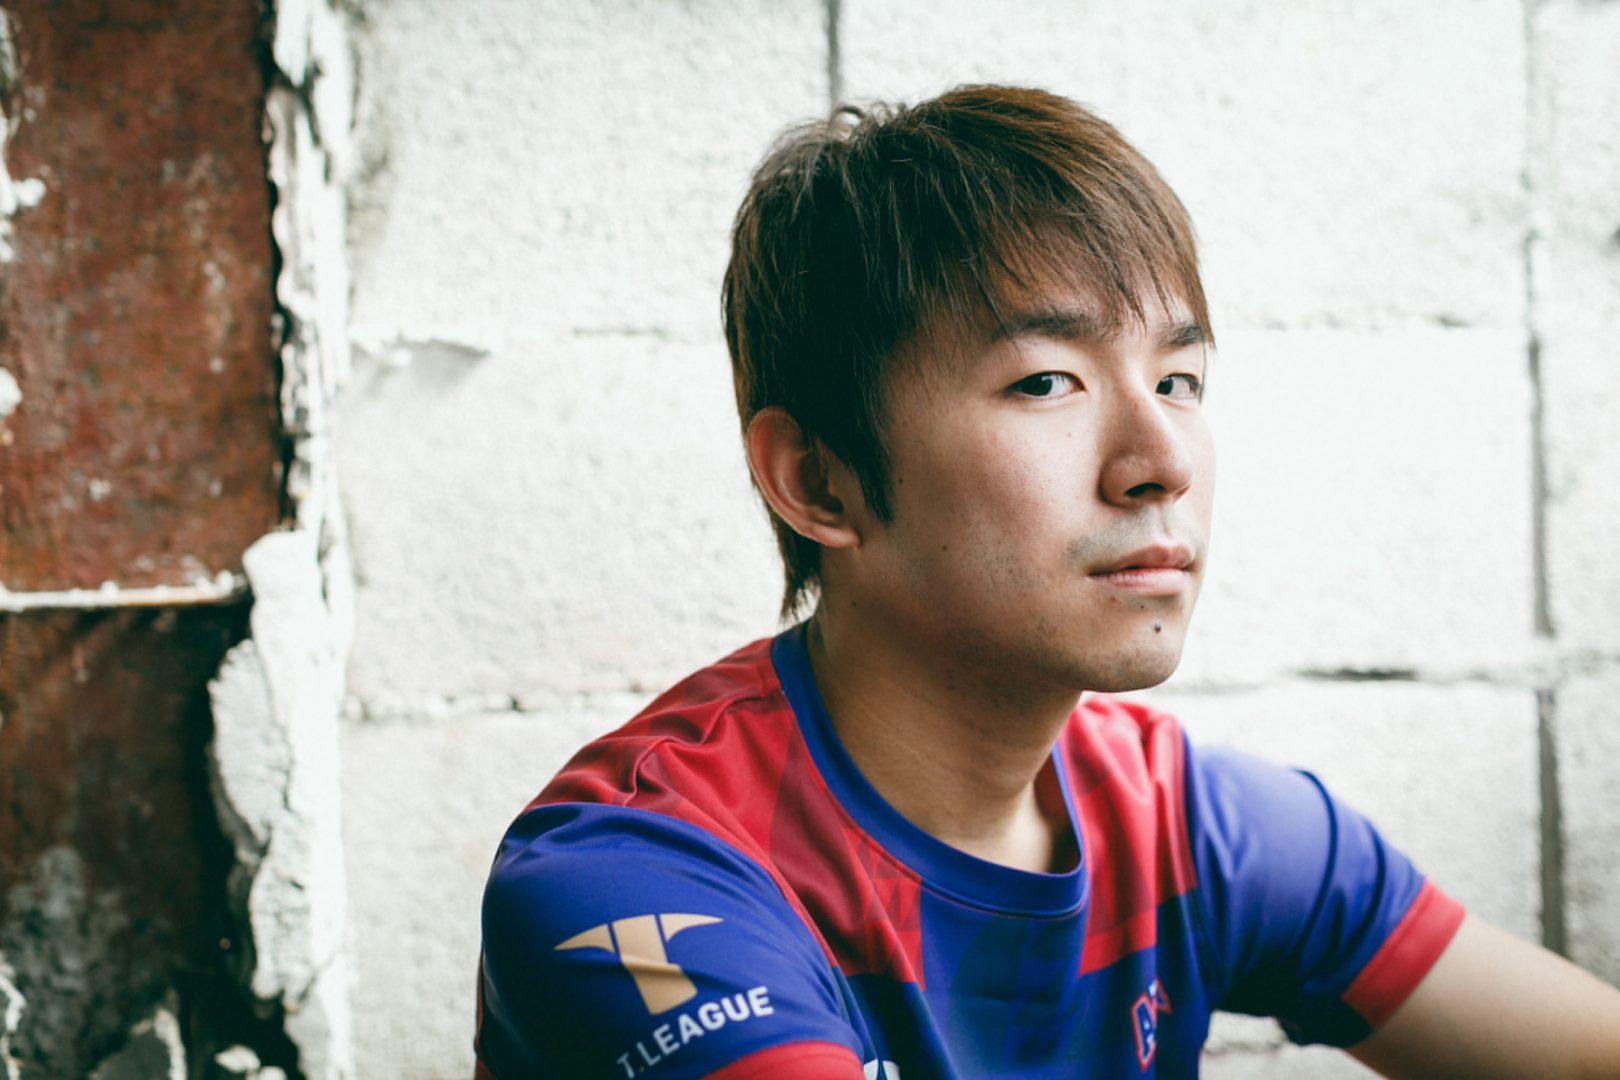 【卓球】丹羽孝希が再びトップ10入り|男子世界ランキング(10月最新発表)